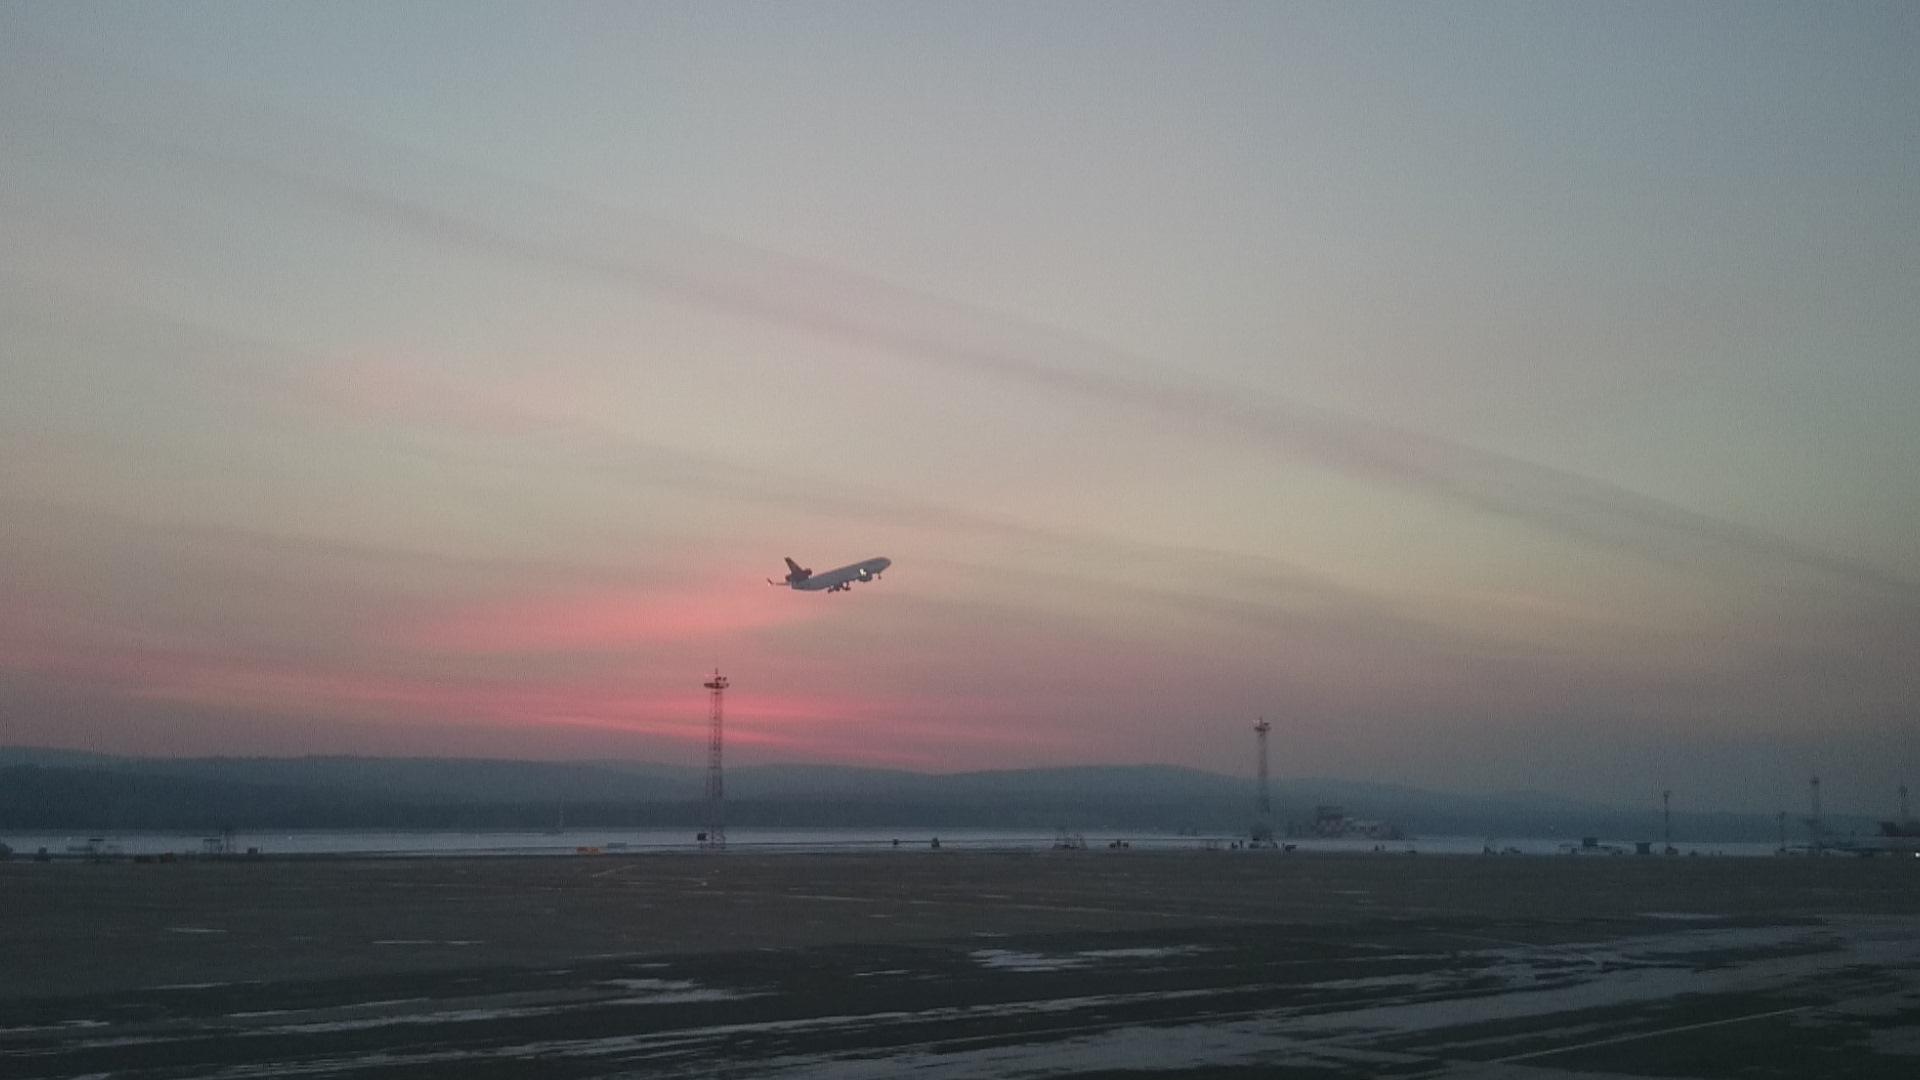 Красноярск Крайний прилёт авиакомпании Люфтганза Грузовые самолёты MD11 Взлёт. 30.10.2016 года